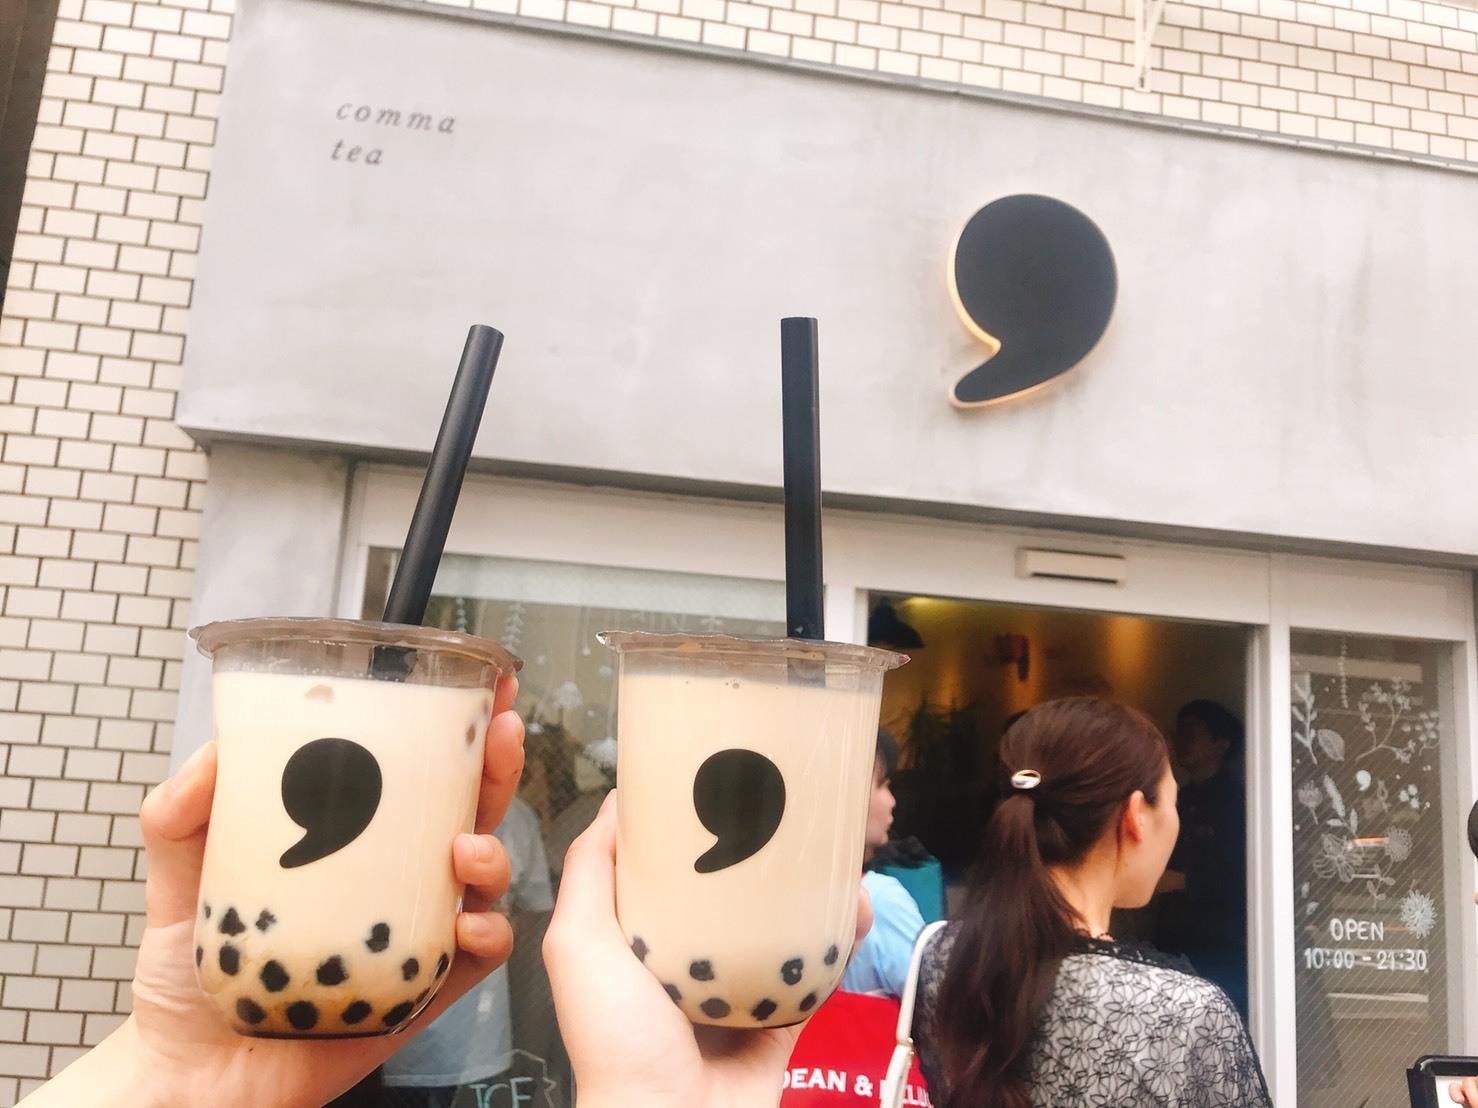 【間も無く終了!】今だけcomma teaがお得に飲めちゃう!?【タピオカ】_1_1